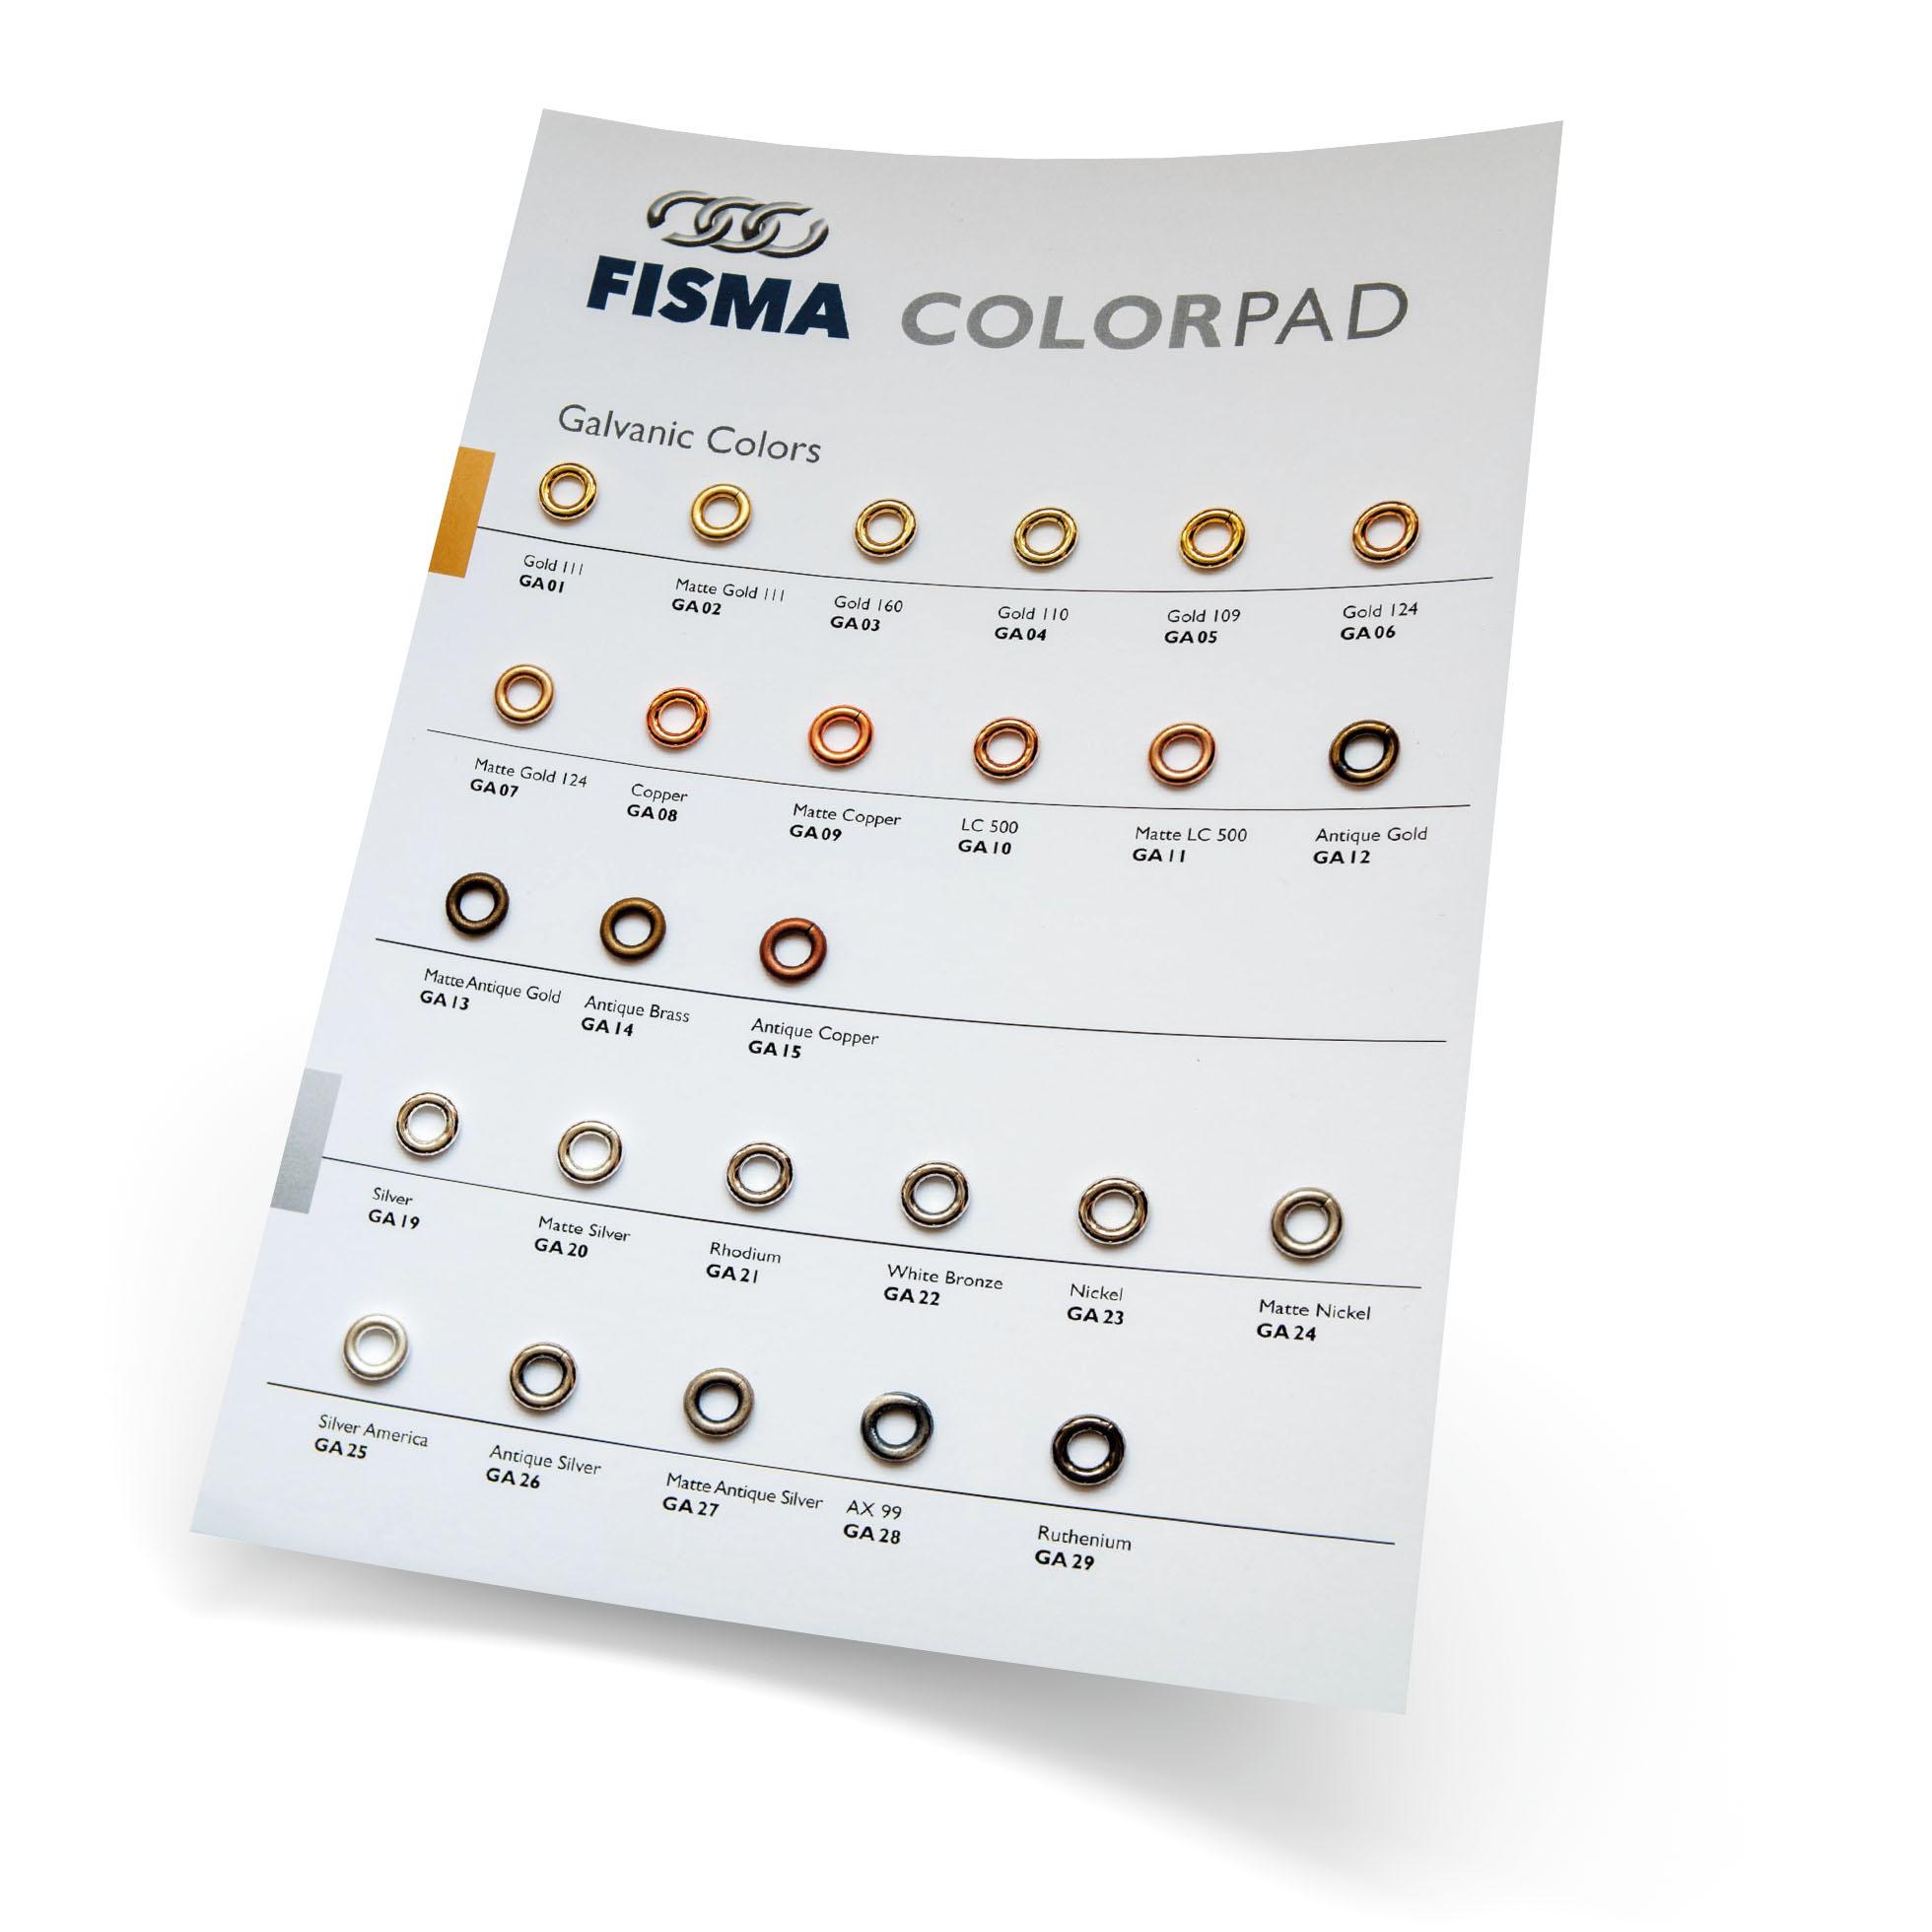 Fisma Colorpad